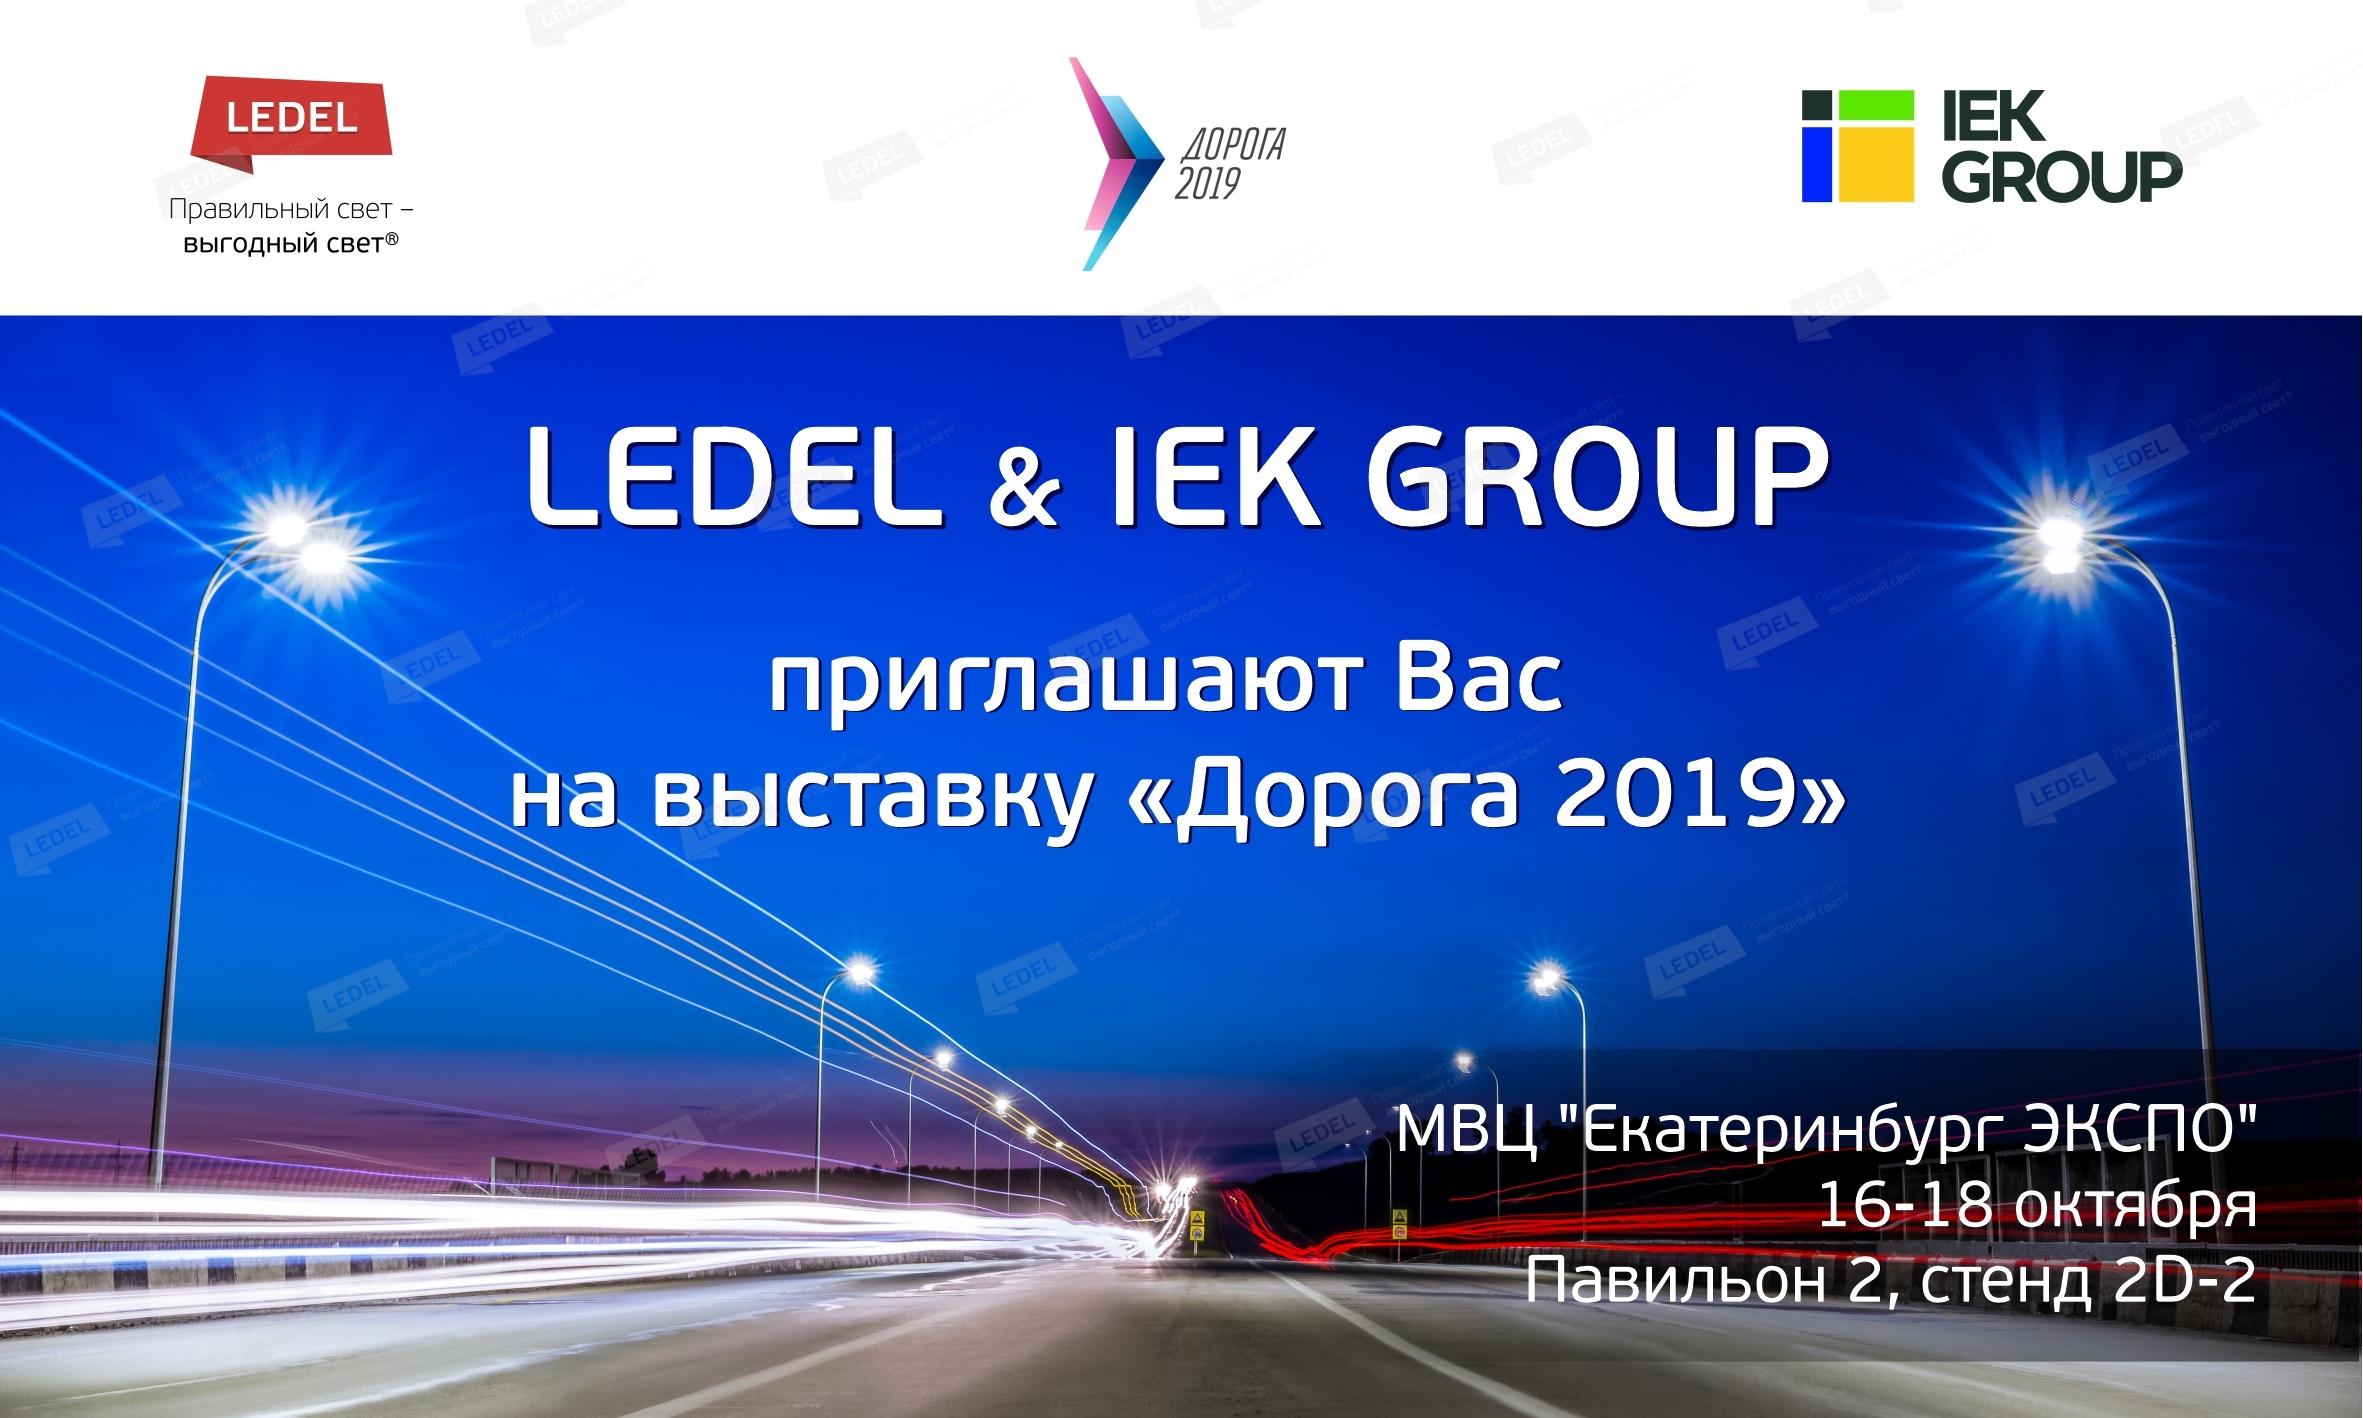 Приглашение дорога 2019 вк фб (1).jpg